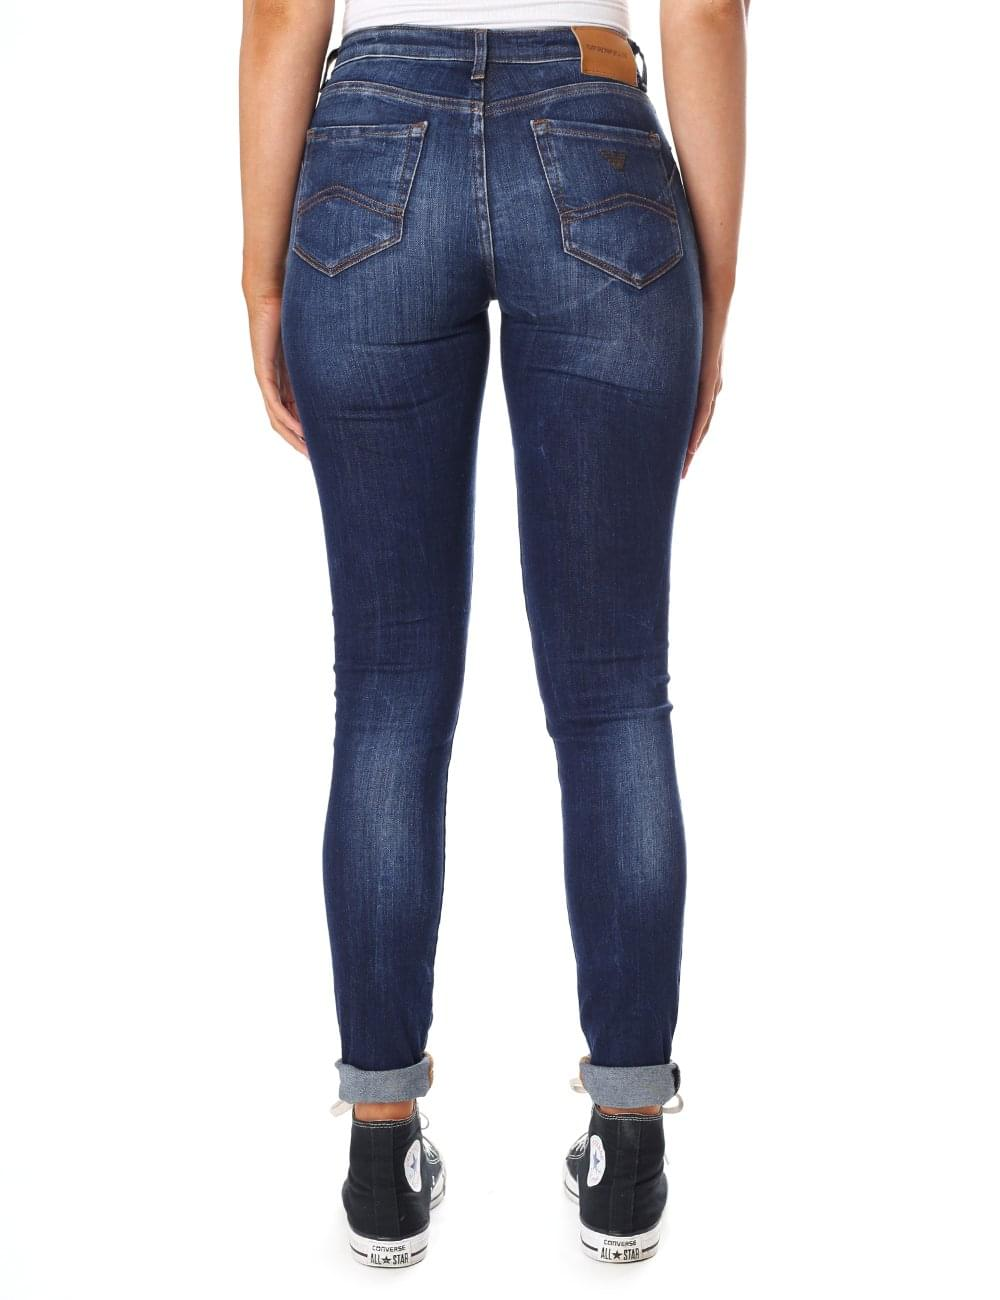 7f4fc601a44 Armani Jeans Women s Mid Wash Push Up Skinny Jean